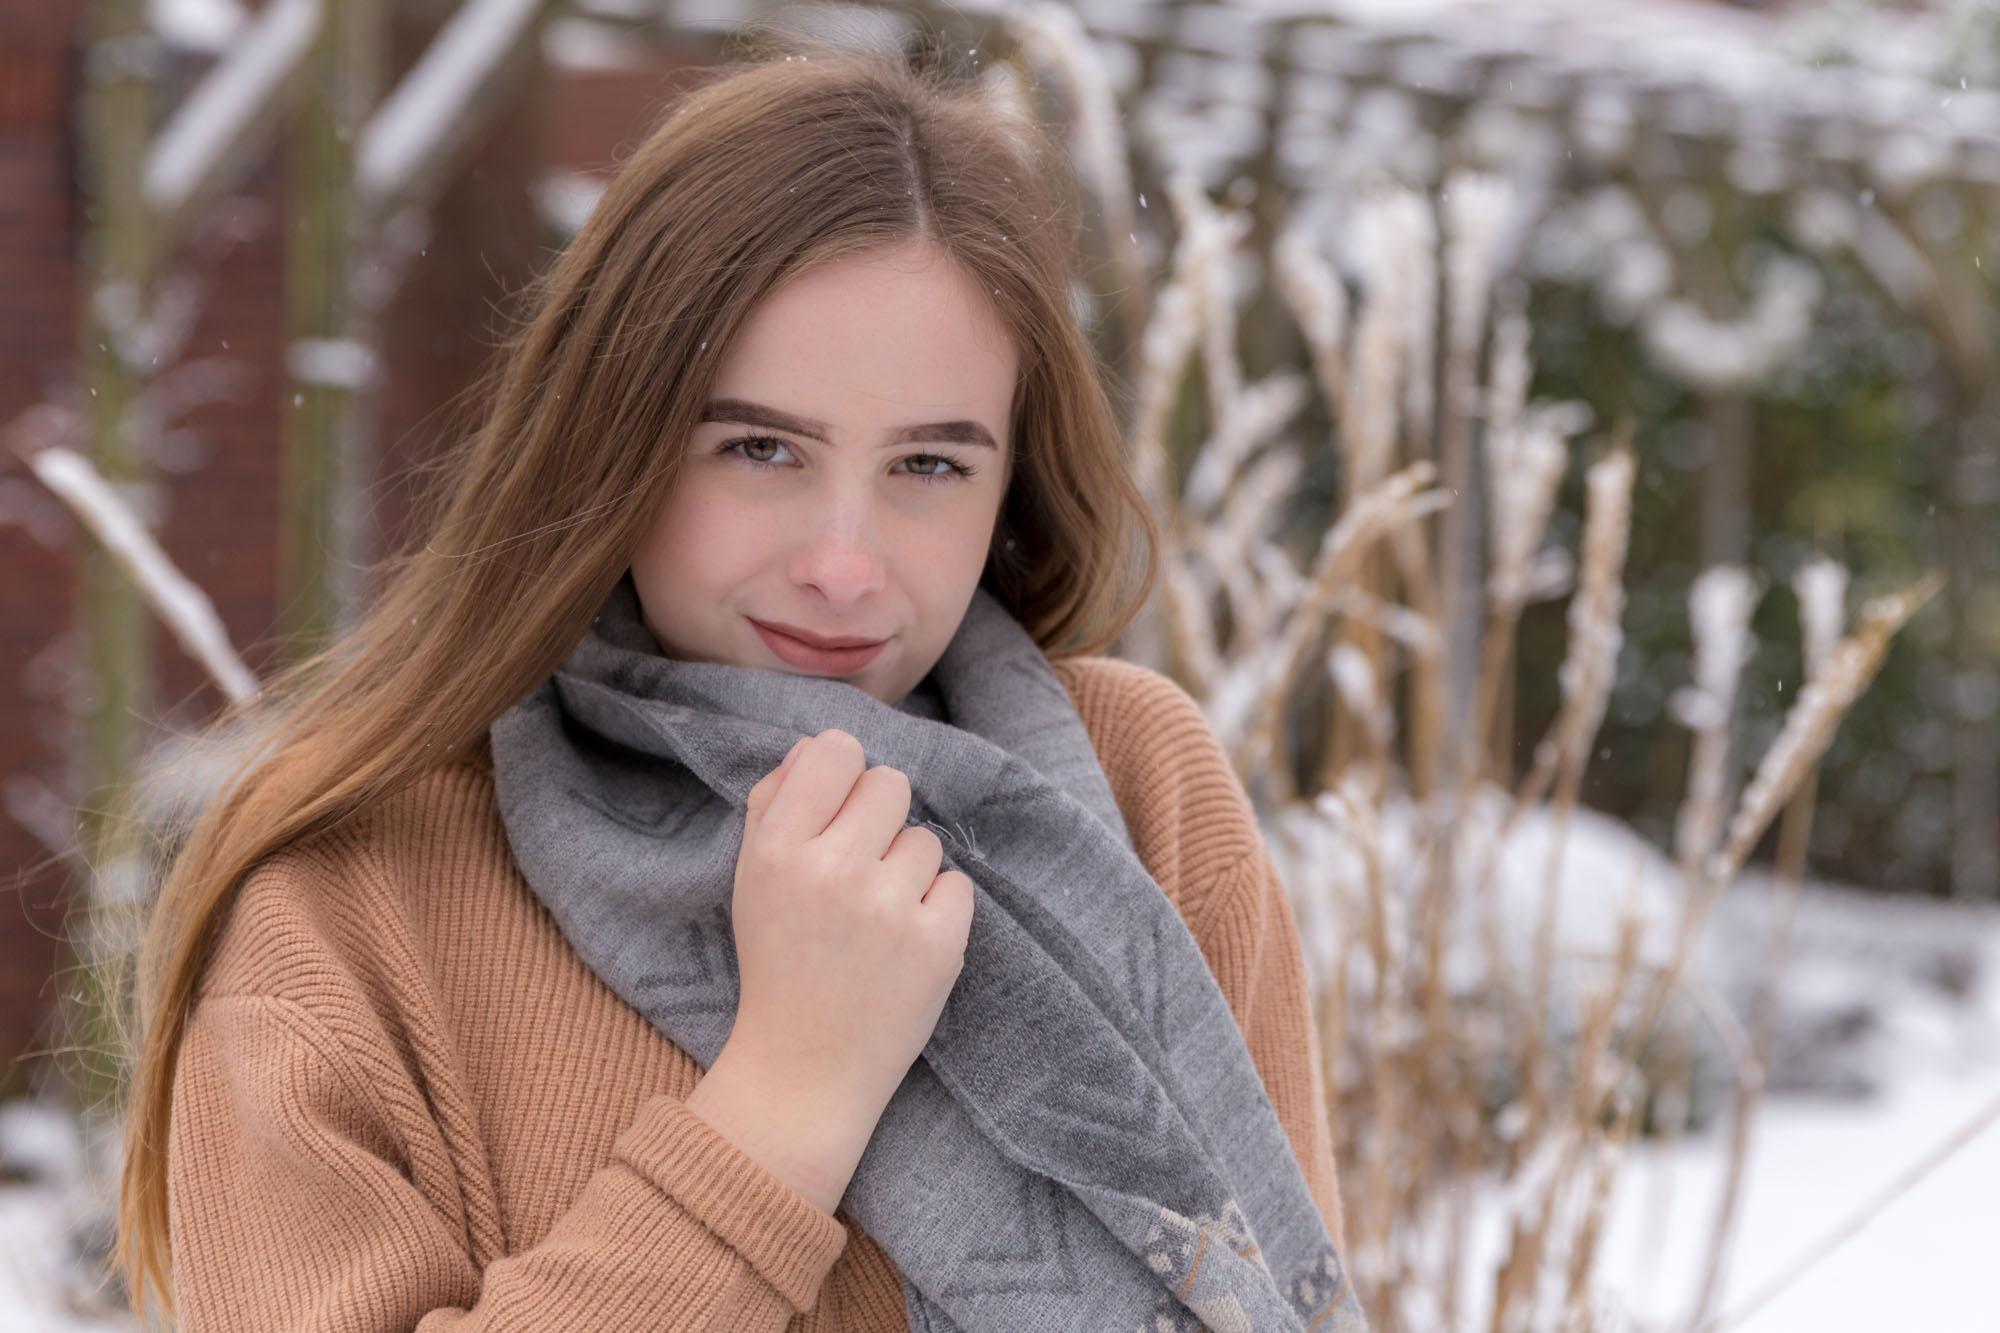 Tiener portretfotograaf in Amersfoort. Tienerportret door Mayra Fotografie. Winter portret.